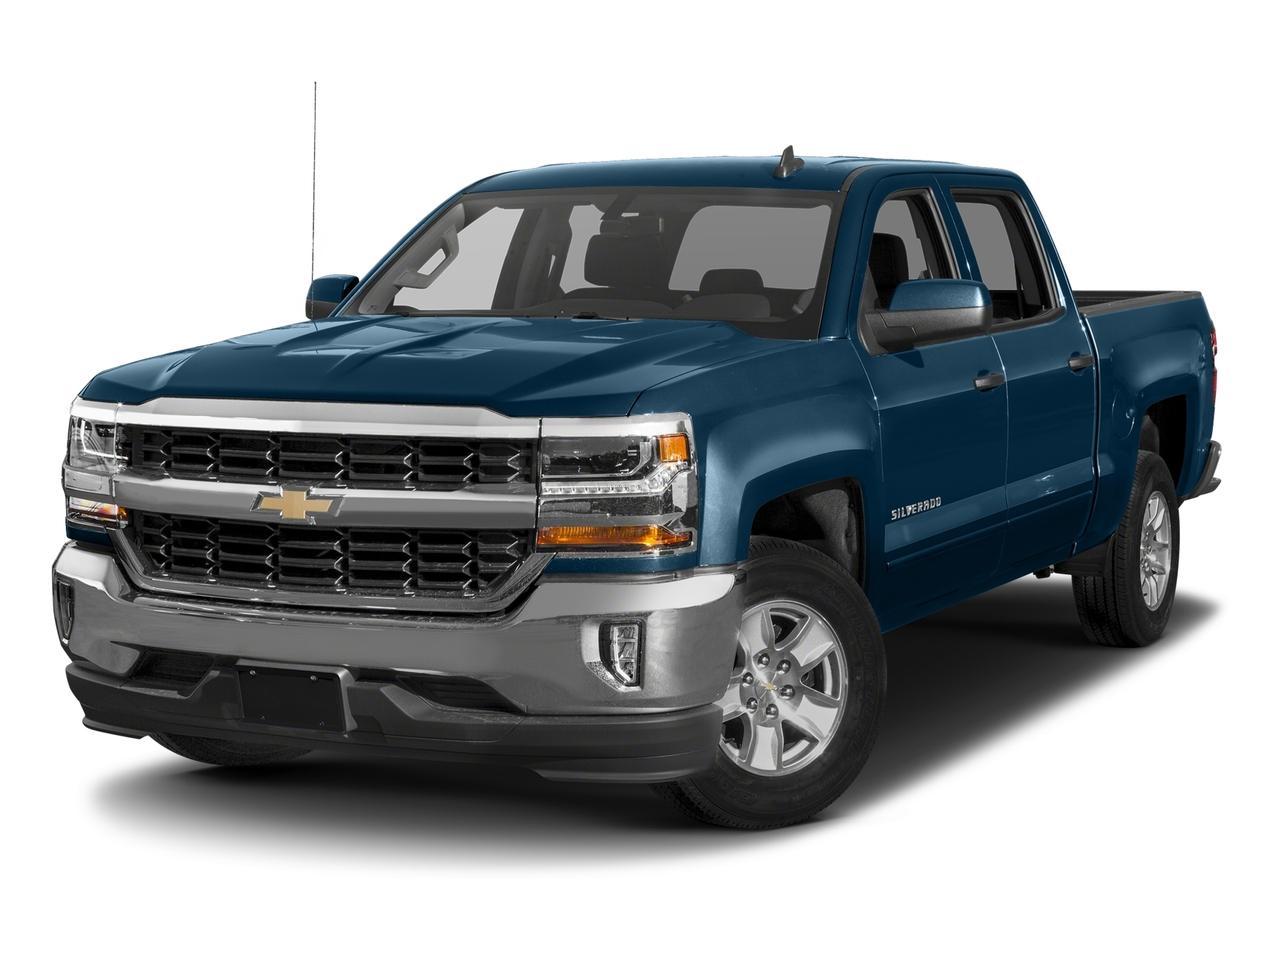 2017 Chevrolet Silverado 1500 Vehicle Photo in VINCENNES, IN 47591-5519